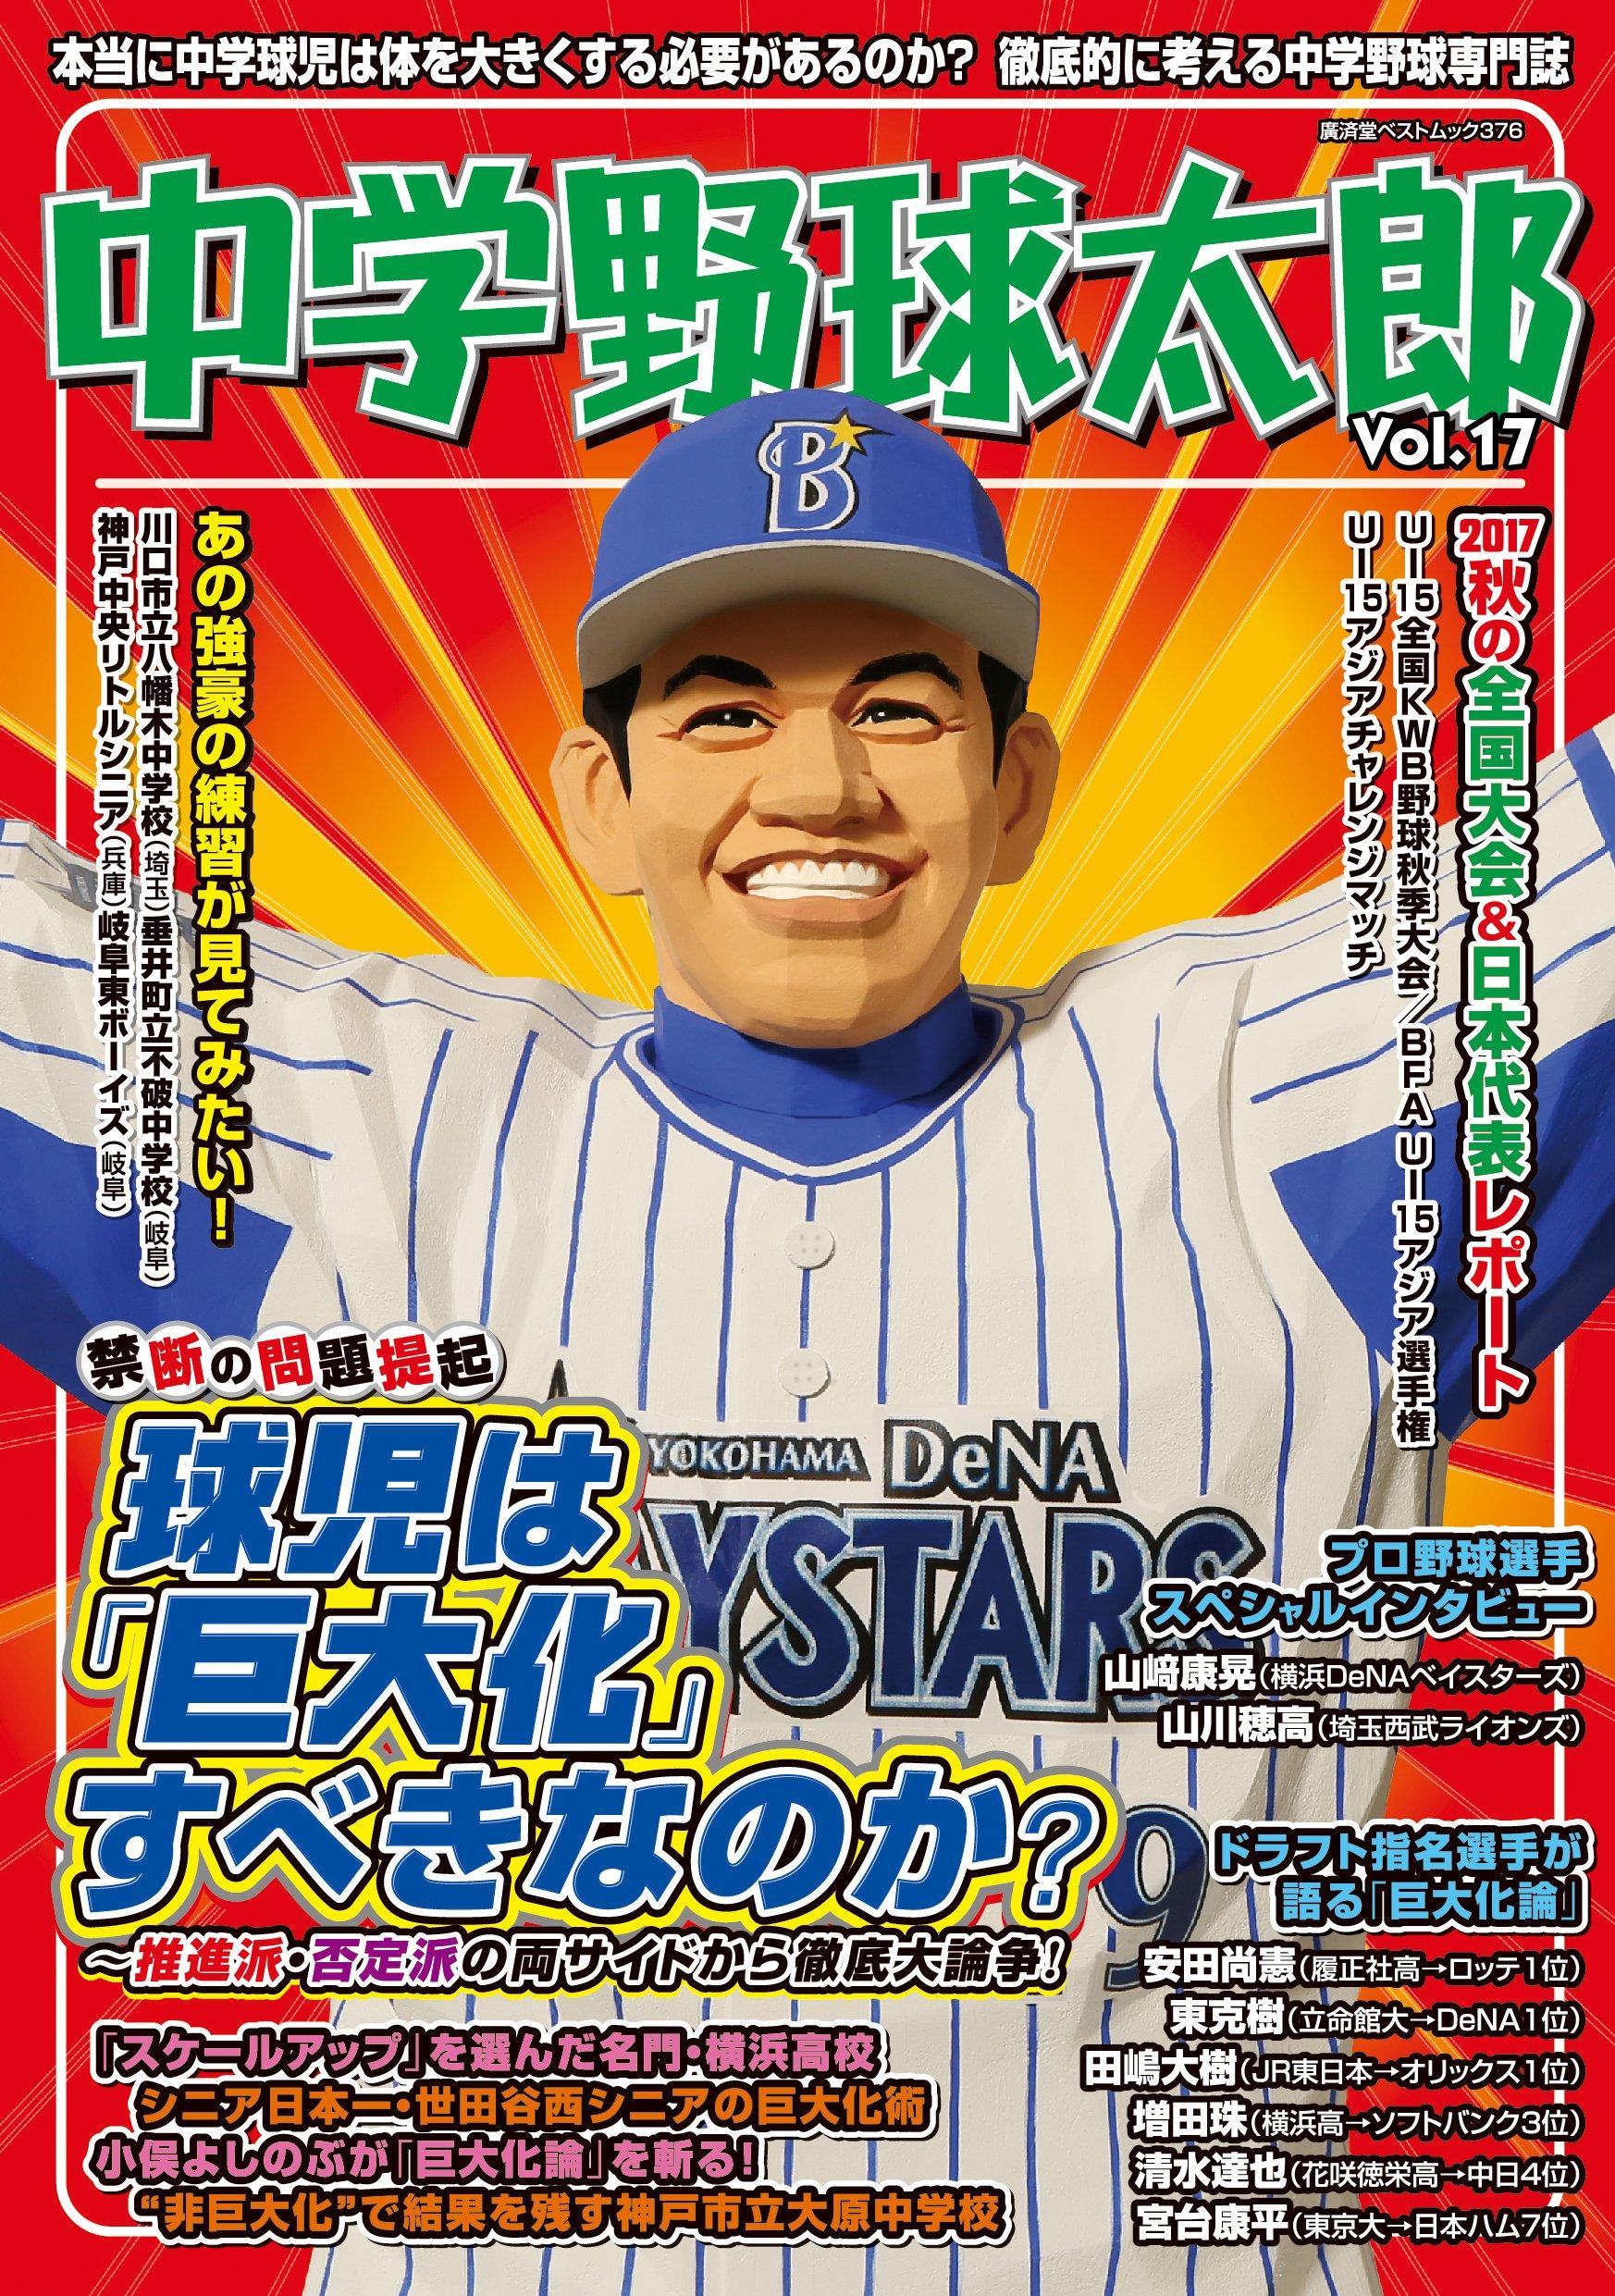 『中学野球太郎 VOL.17 禁断の問題提起・球児は「巨大化」すべきなのか?』は12月16日発売です!